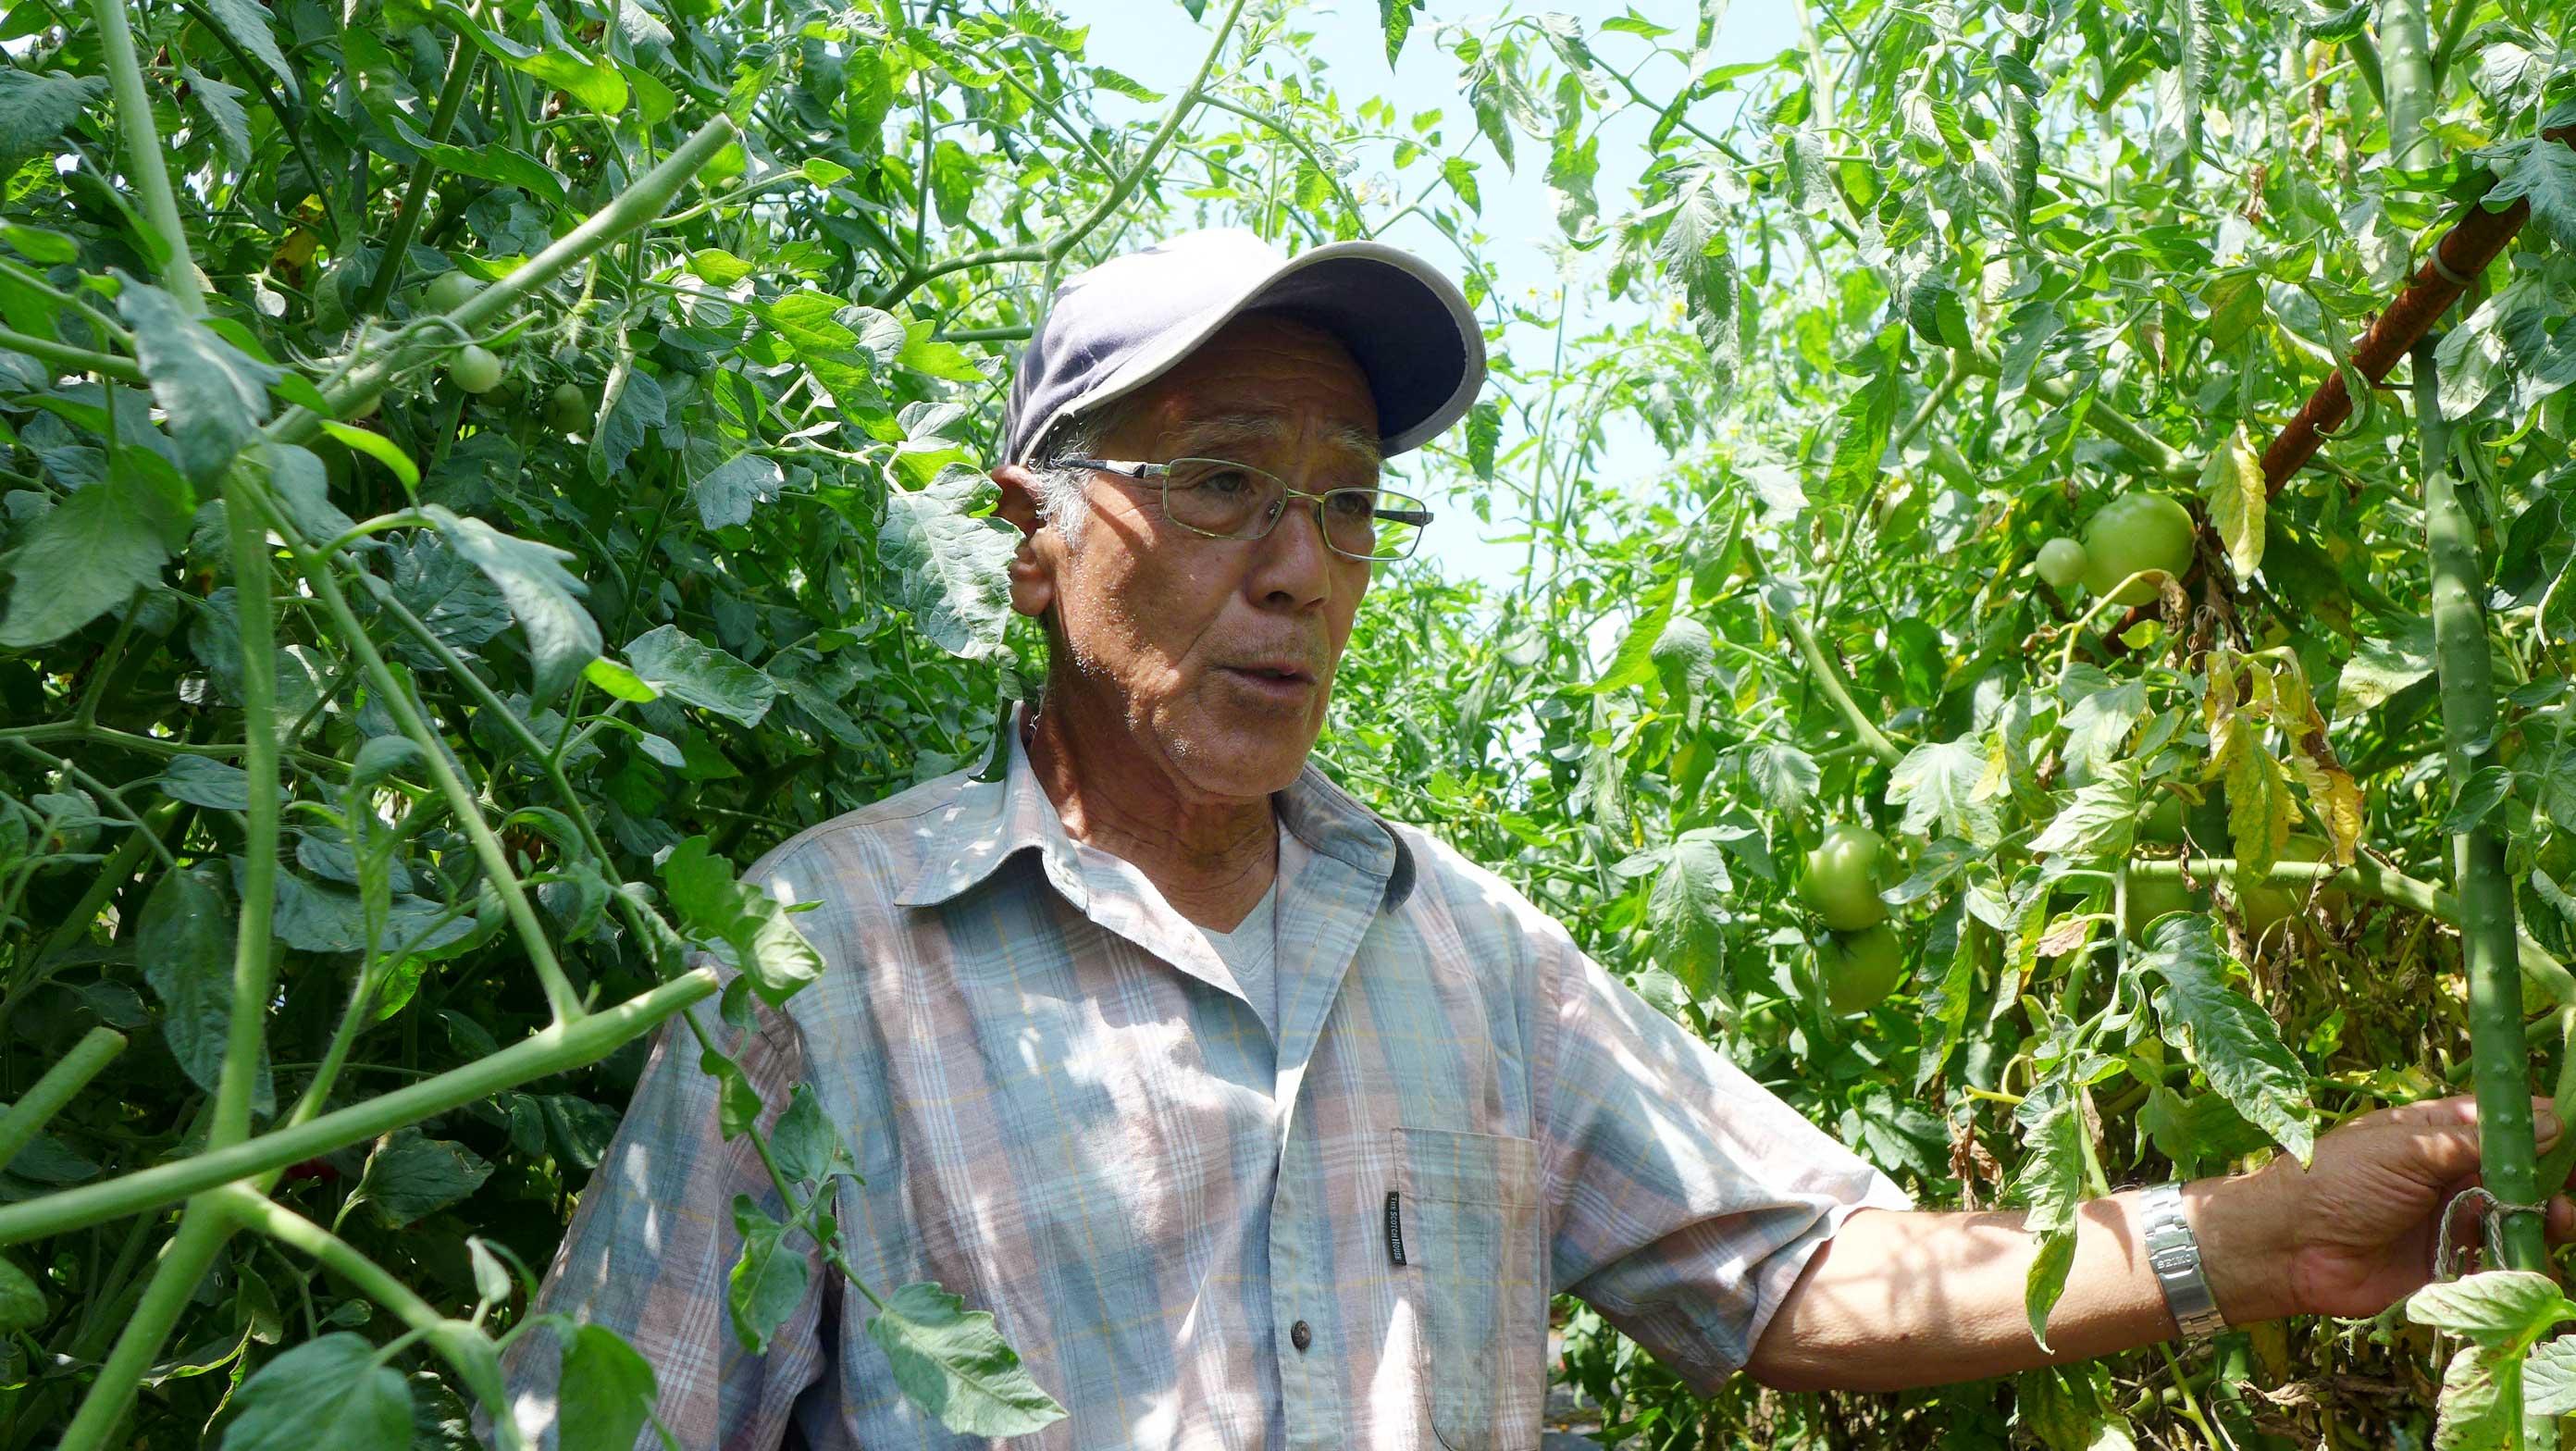 「手を抜かずに丁寧に野菜を育てる」 三村薫農園 – 三村 薫さん